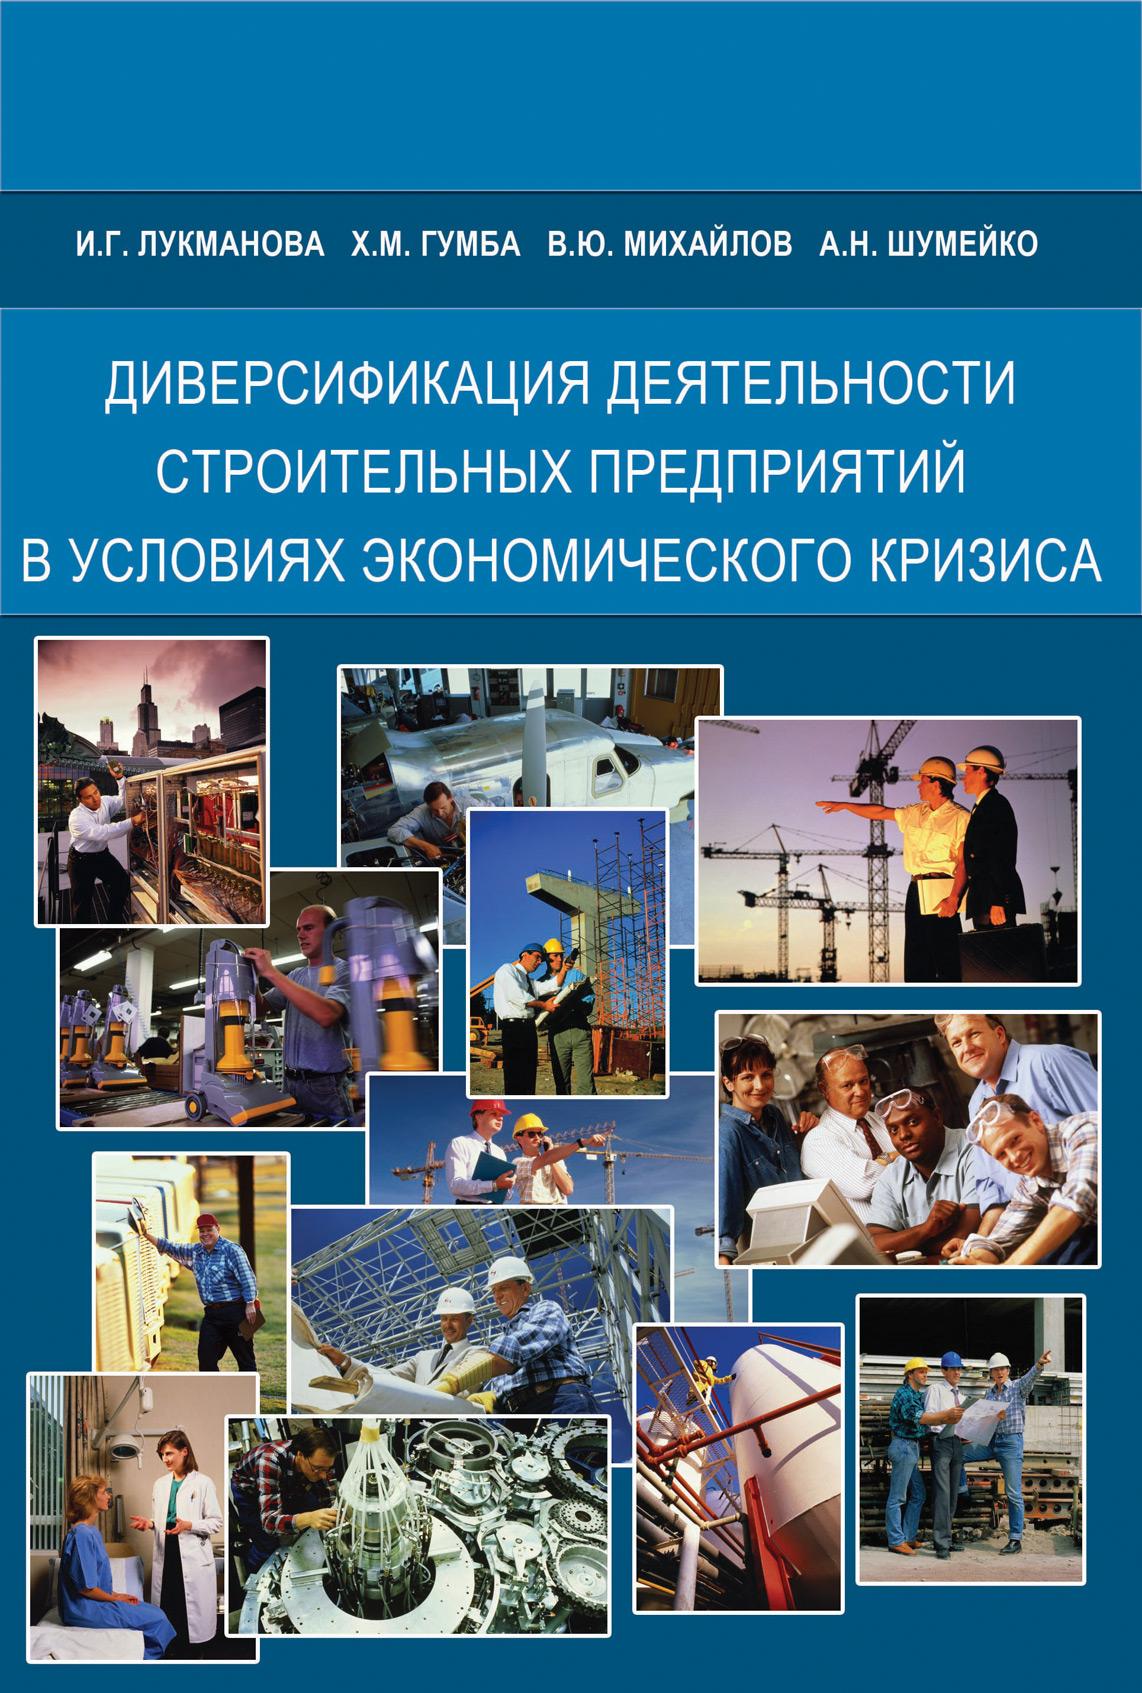 Х. М. Гумба Диверсификация деятельности строительных предприятий в условиях экономического кризиса